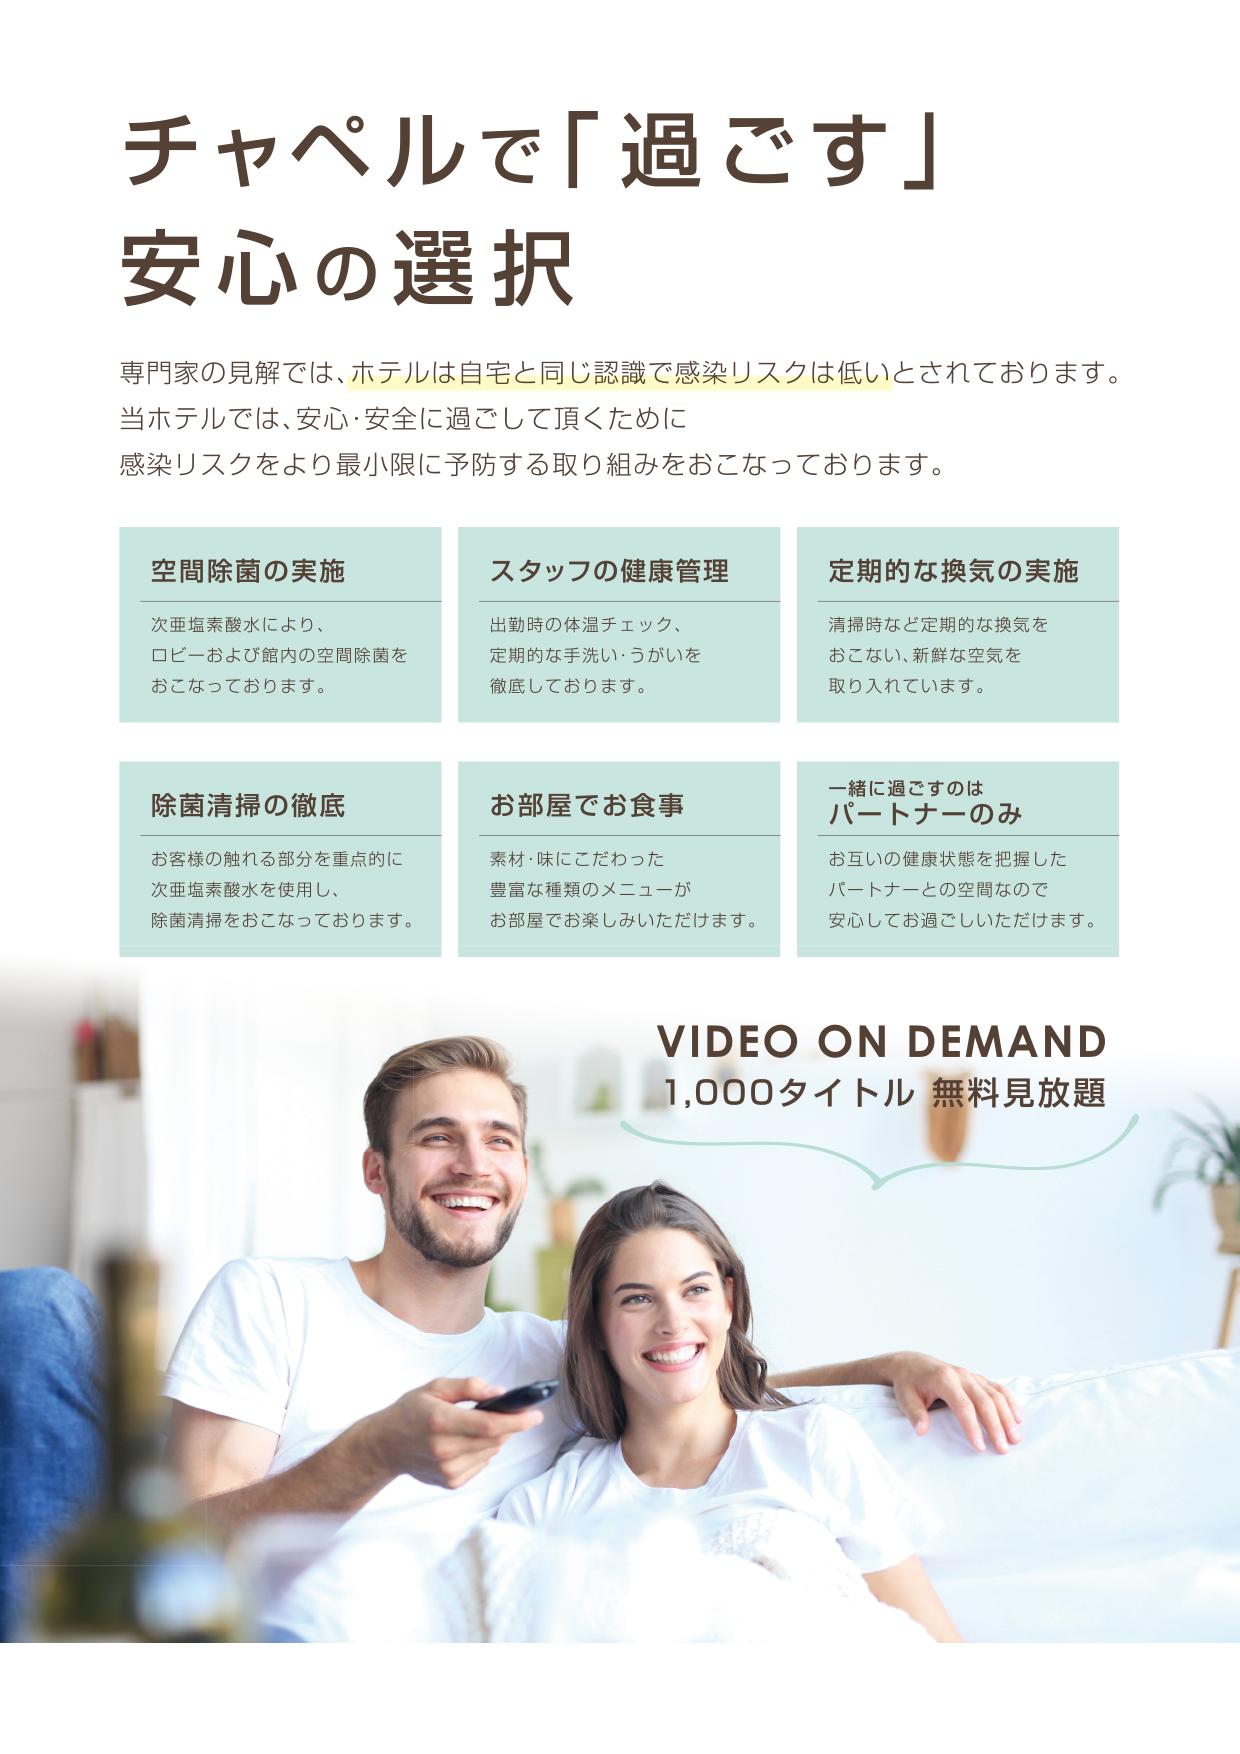 新型コロナウイルス対策・取組み【No.2】